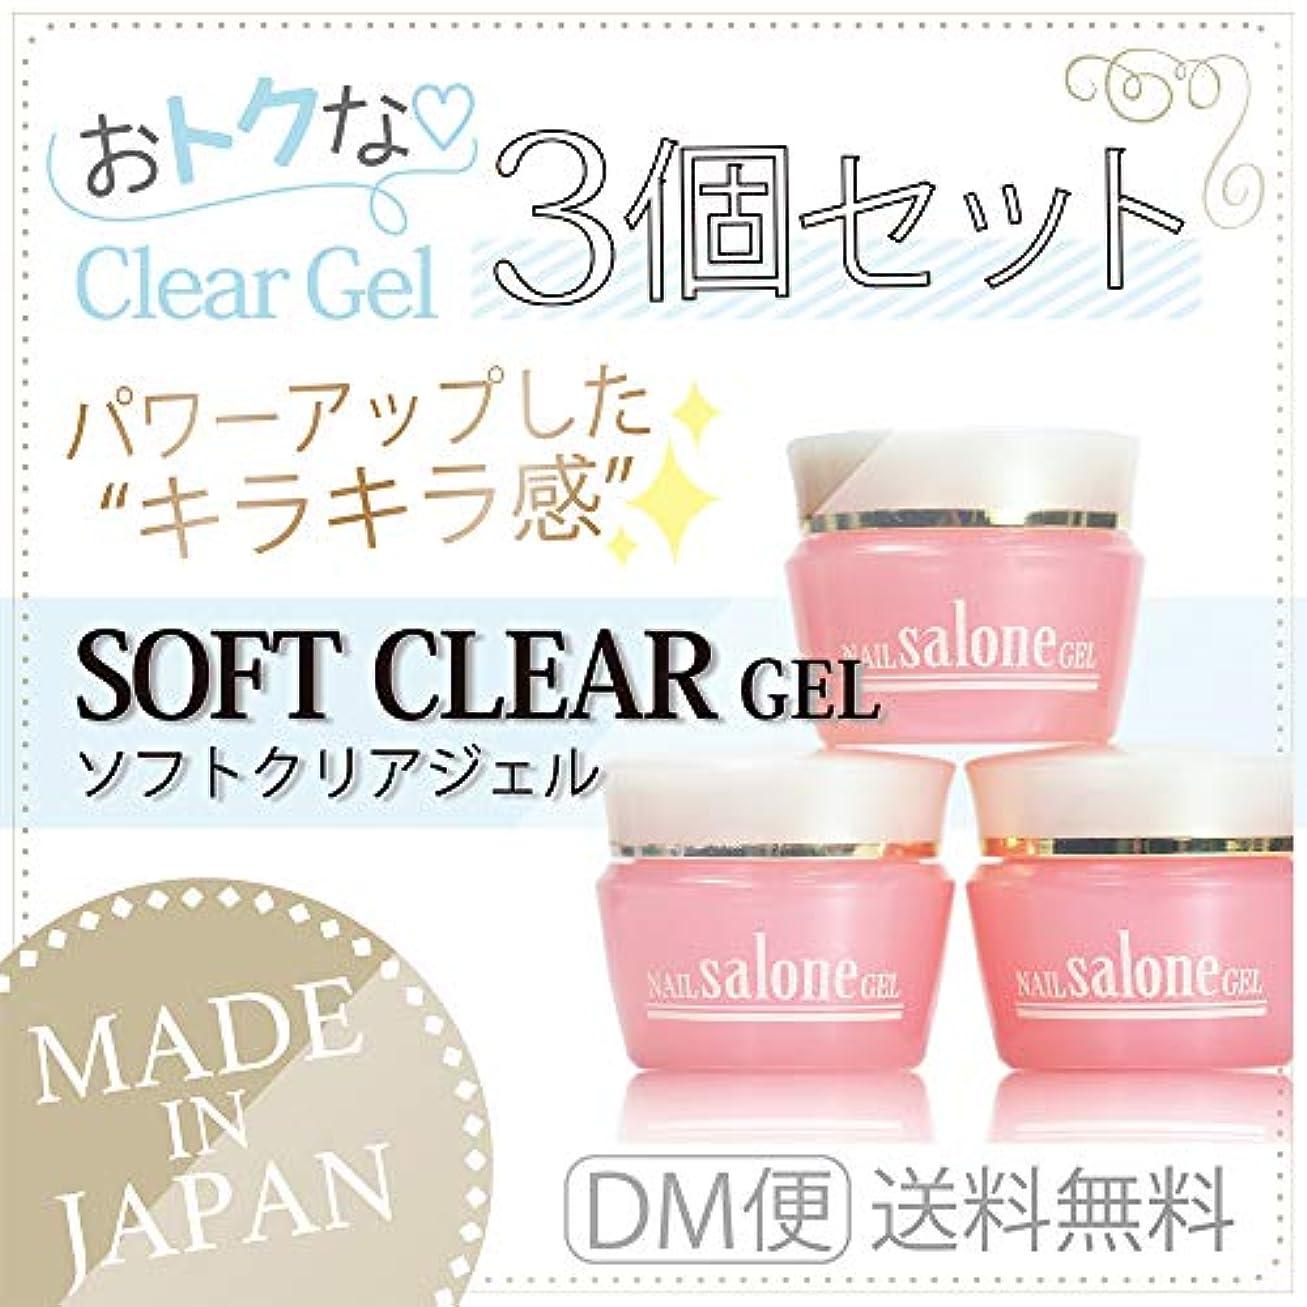 ラグキッチン驚いたことにSalone gel サローネ ソフトクリアージェル お得な3個セット ツヤツヤ キラキラ感持続 抜群のツヤ 爪に優しい日本製 3g